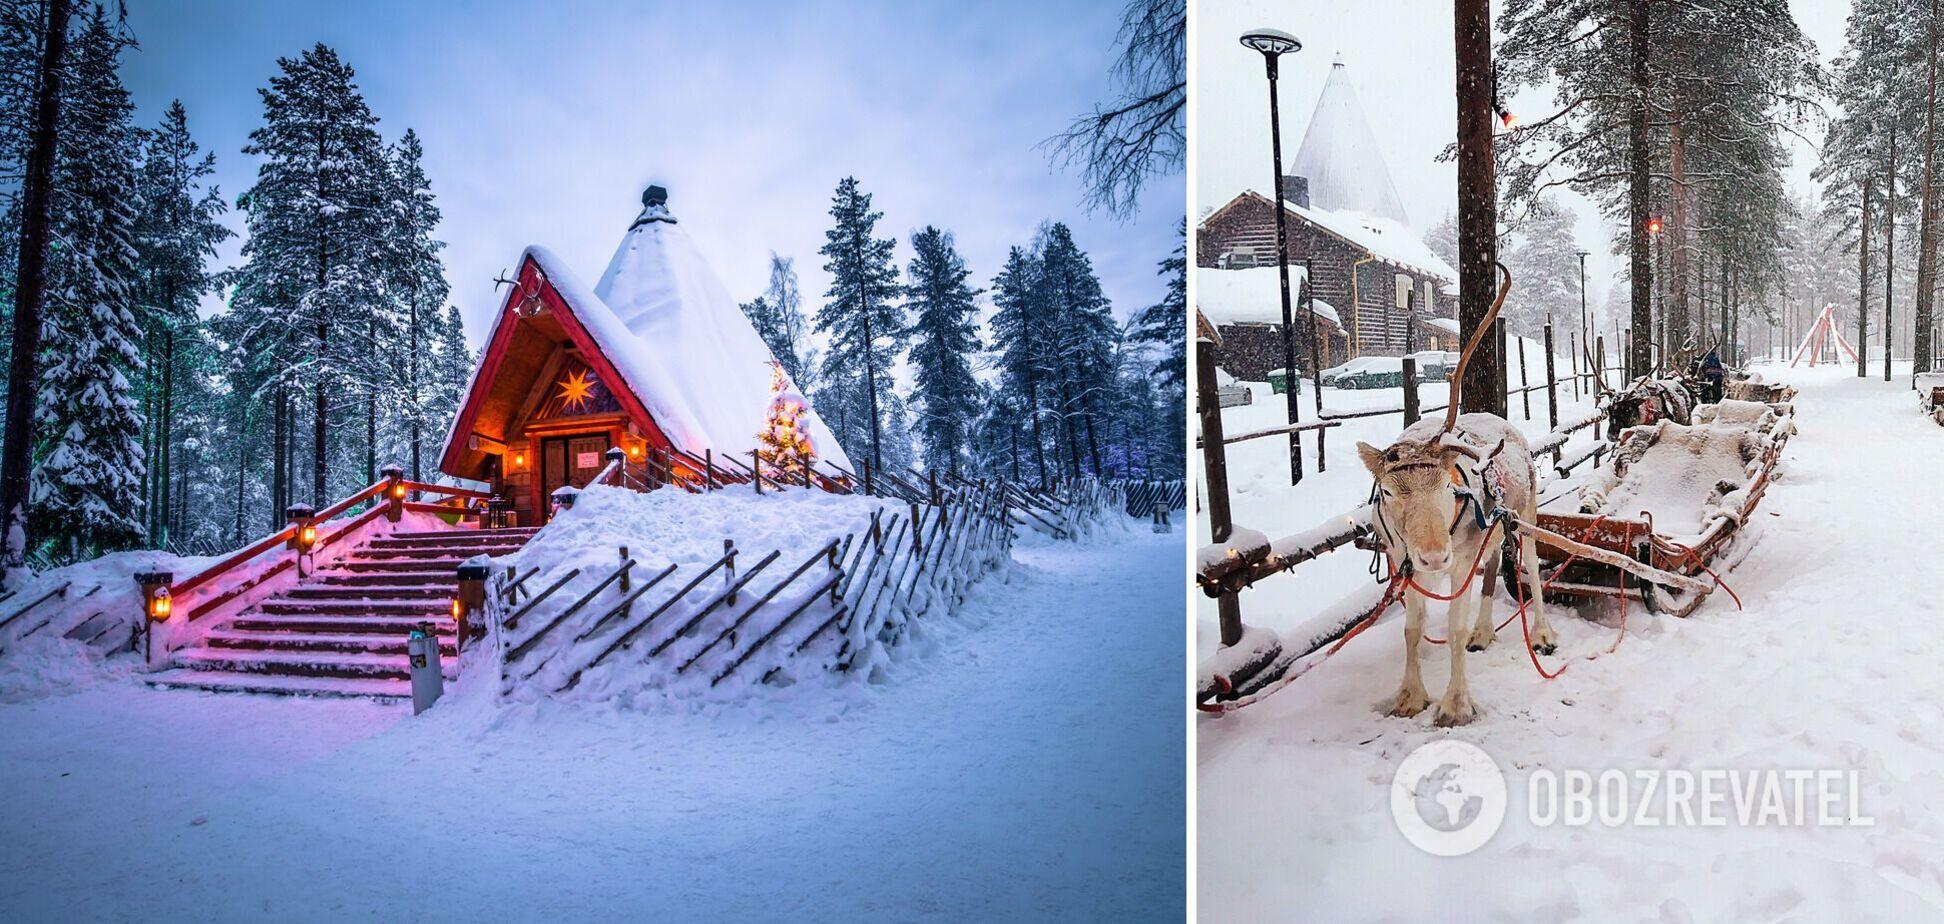 Сніг відразу створив у селищі казкову атмосферу